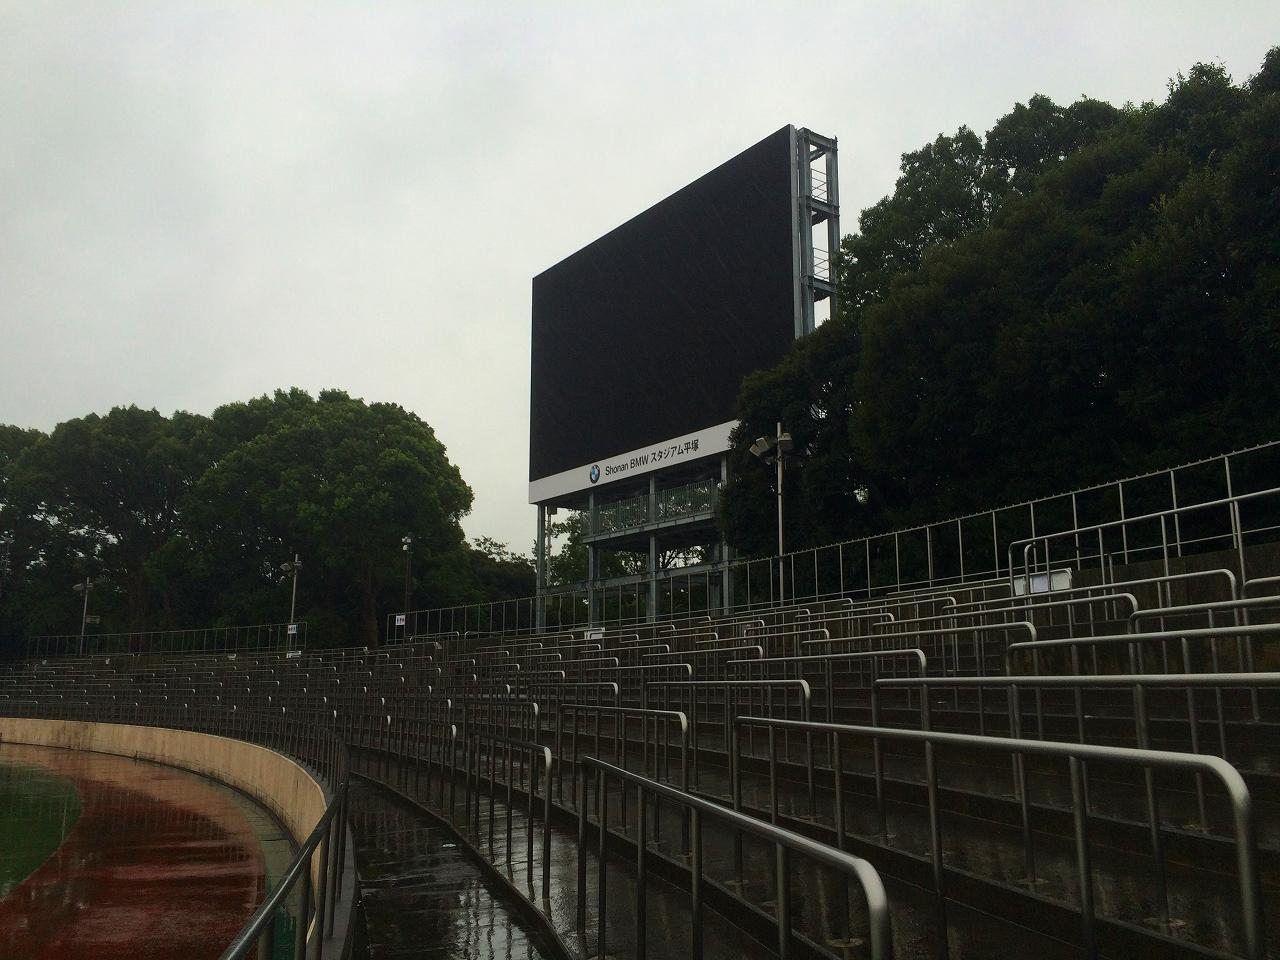 Shonan BMW スタジアム平塚のホーム/アウェーのスタンド入れ替えについて意見を募集します。